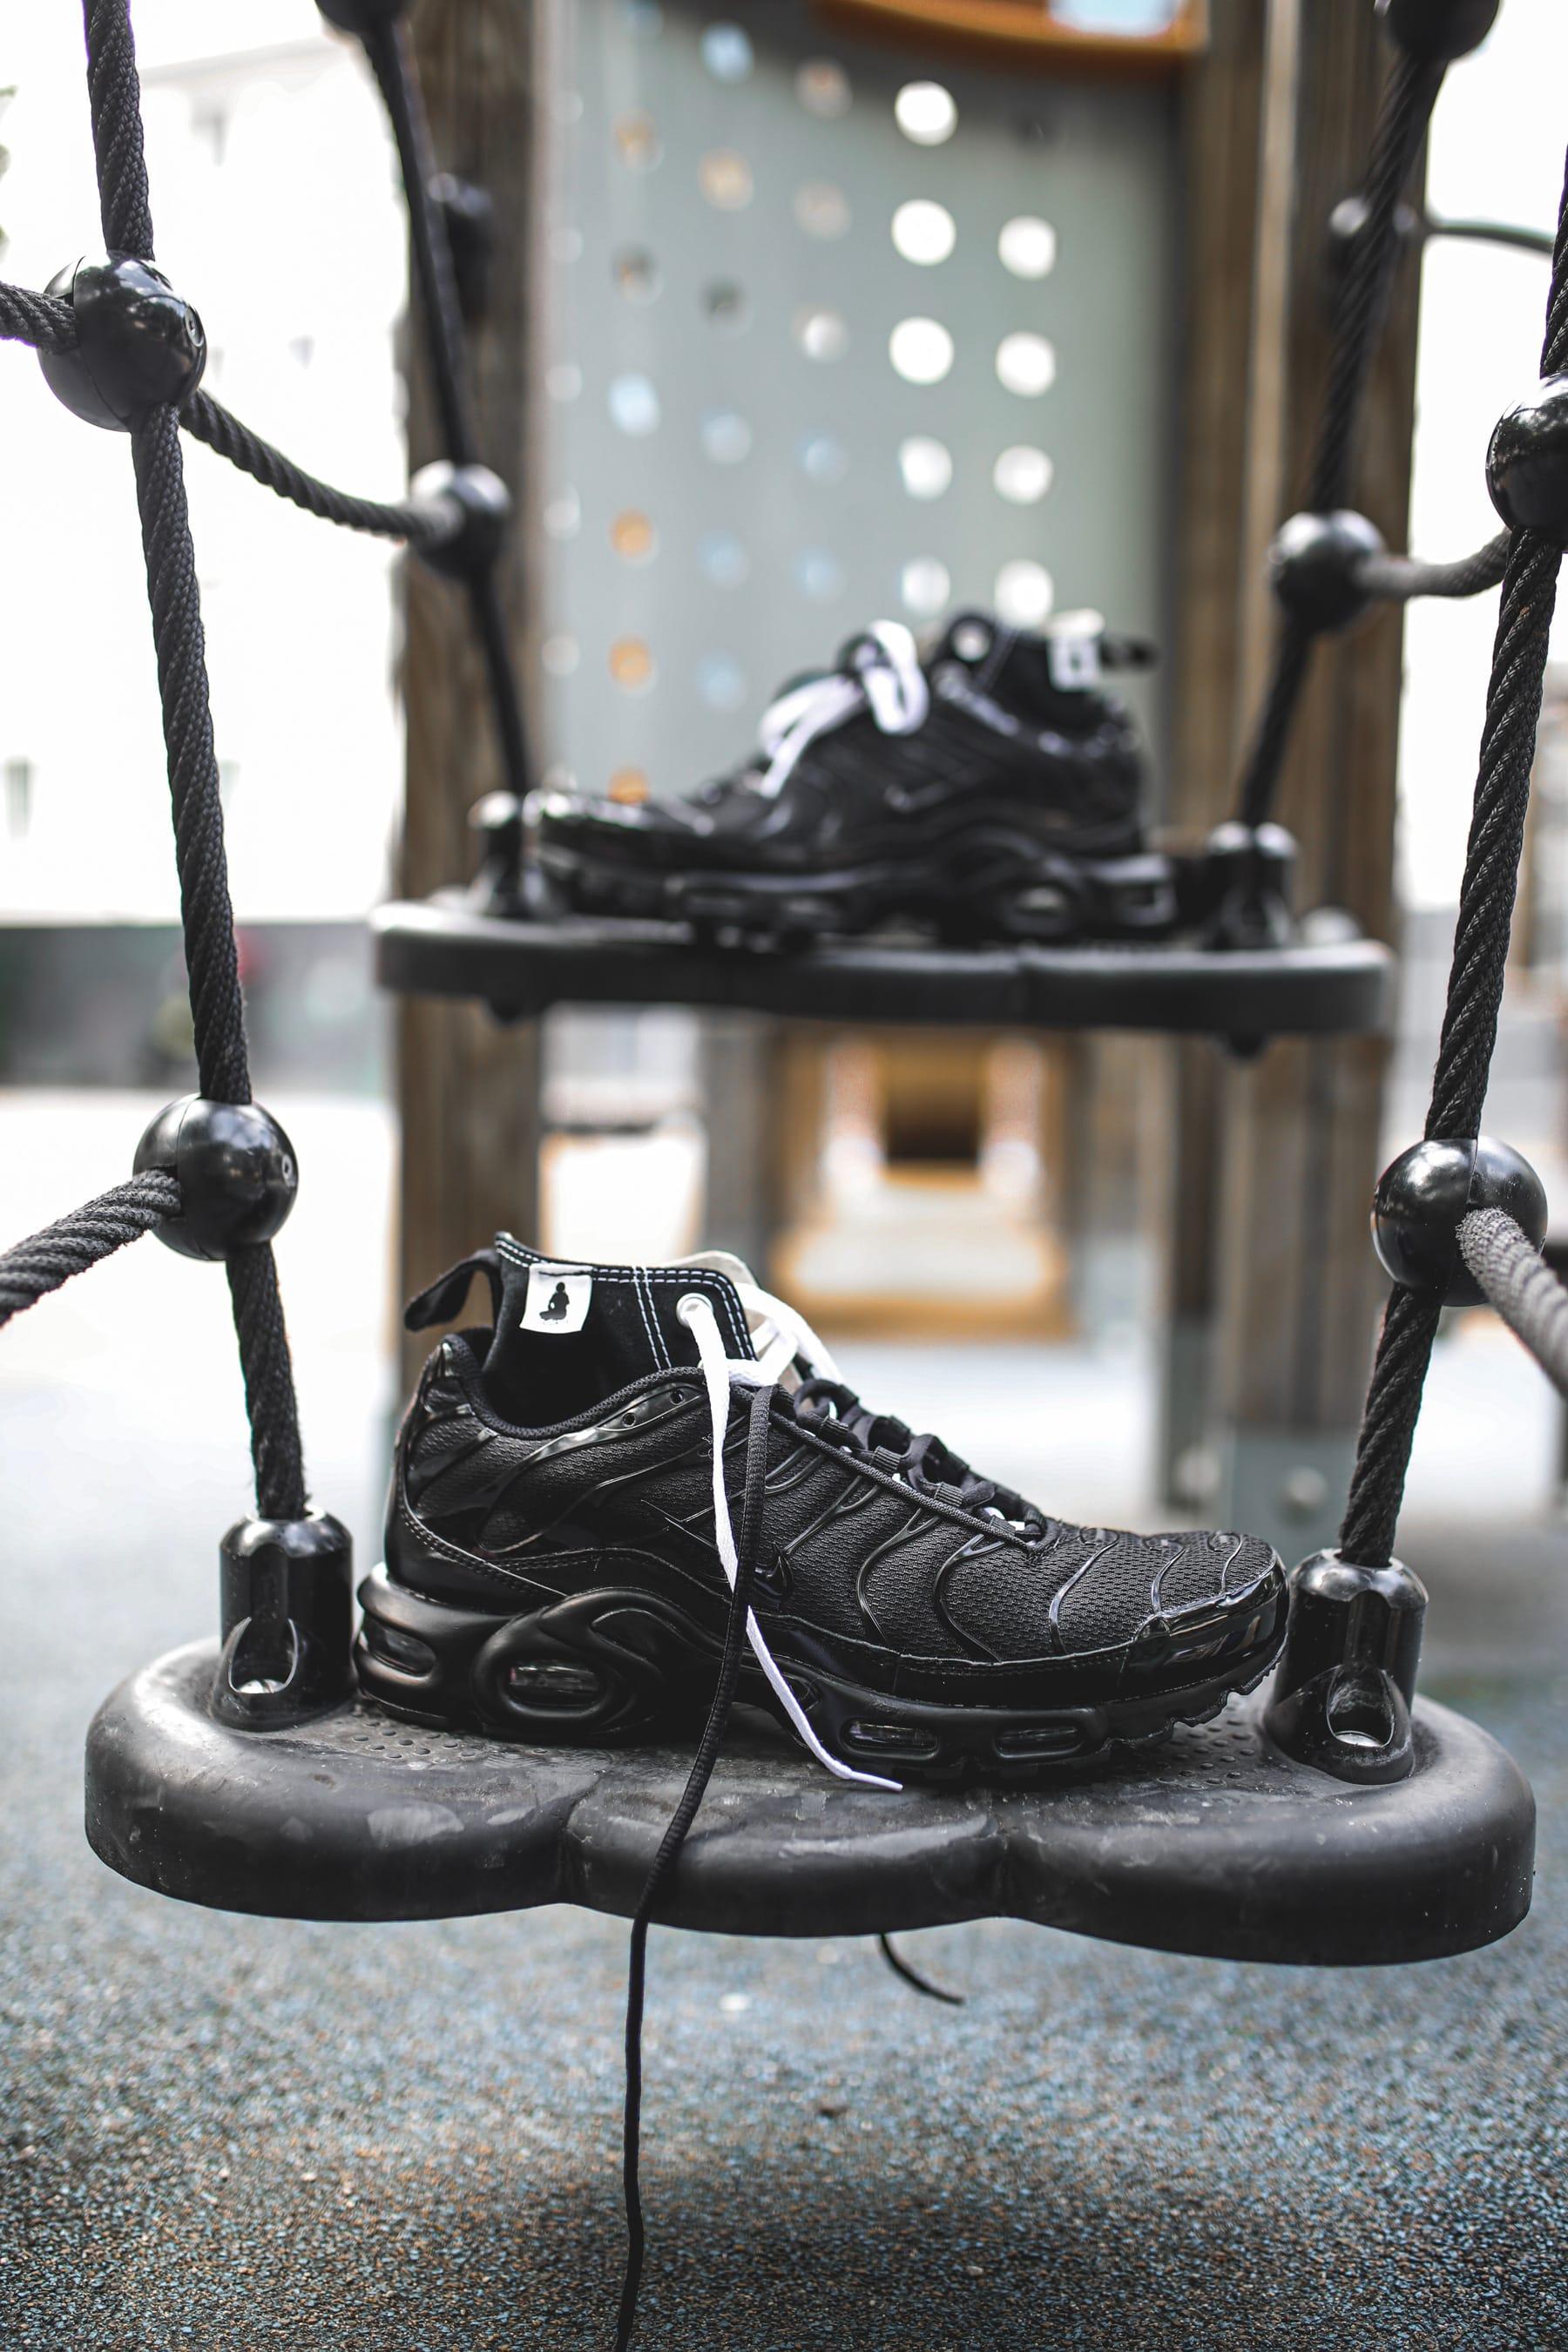 WWWESH STUDIO \u0026 Heightened's Nike Air